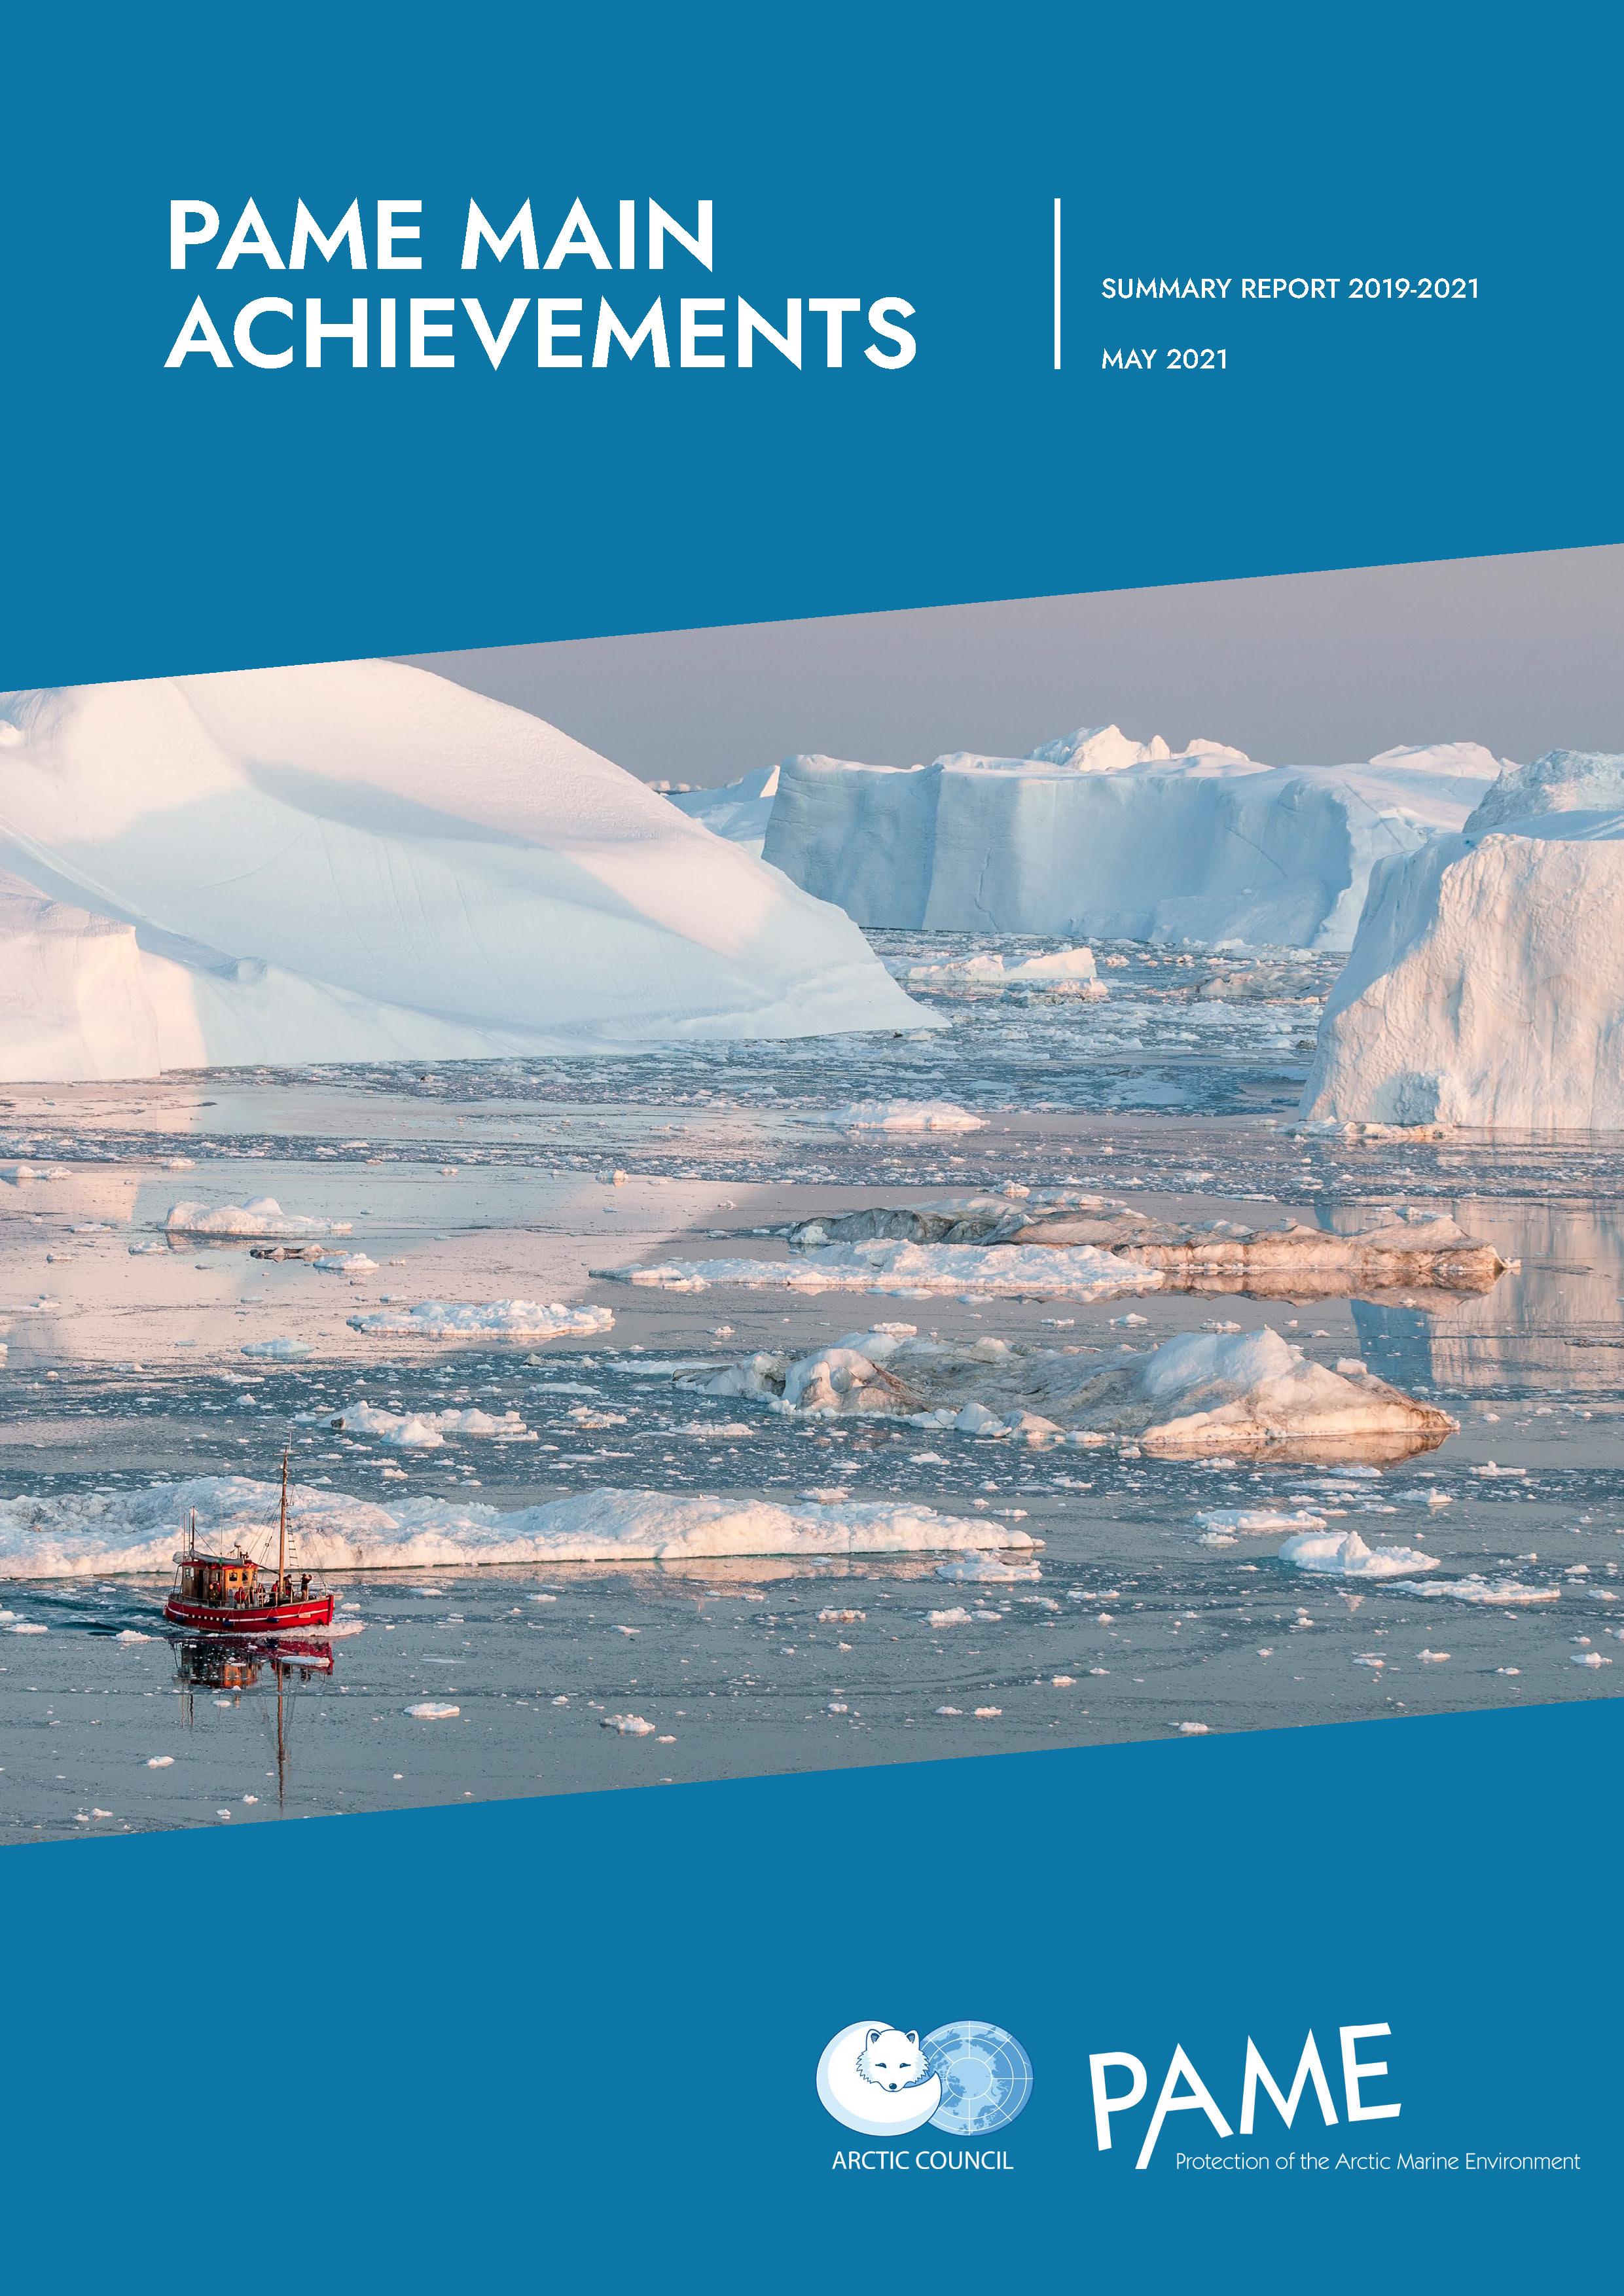 PAME Achievements Report 2019-2021